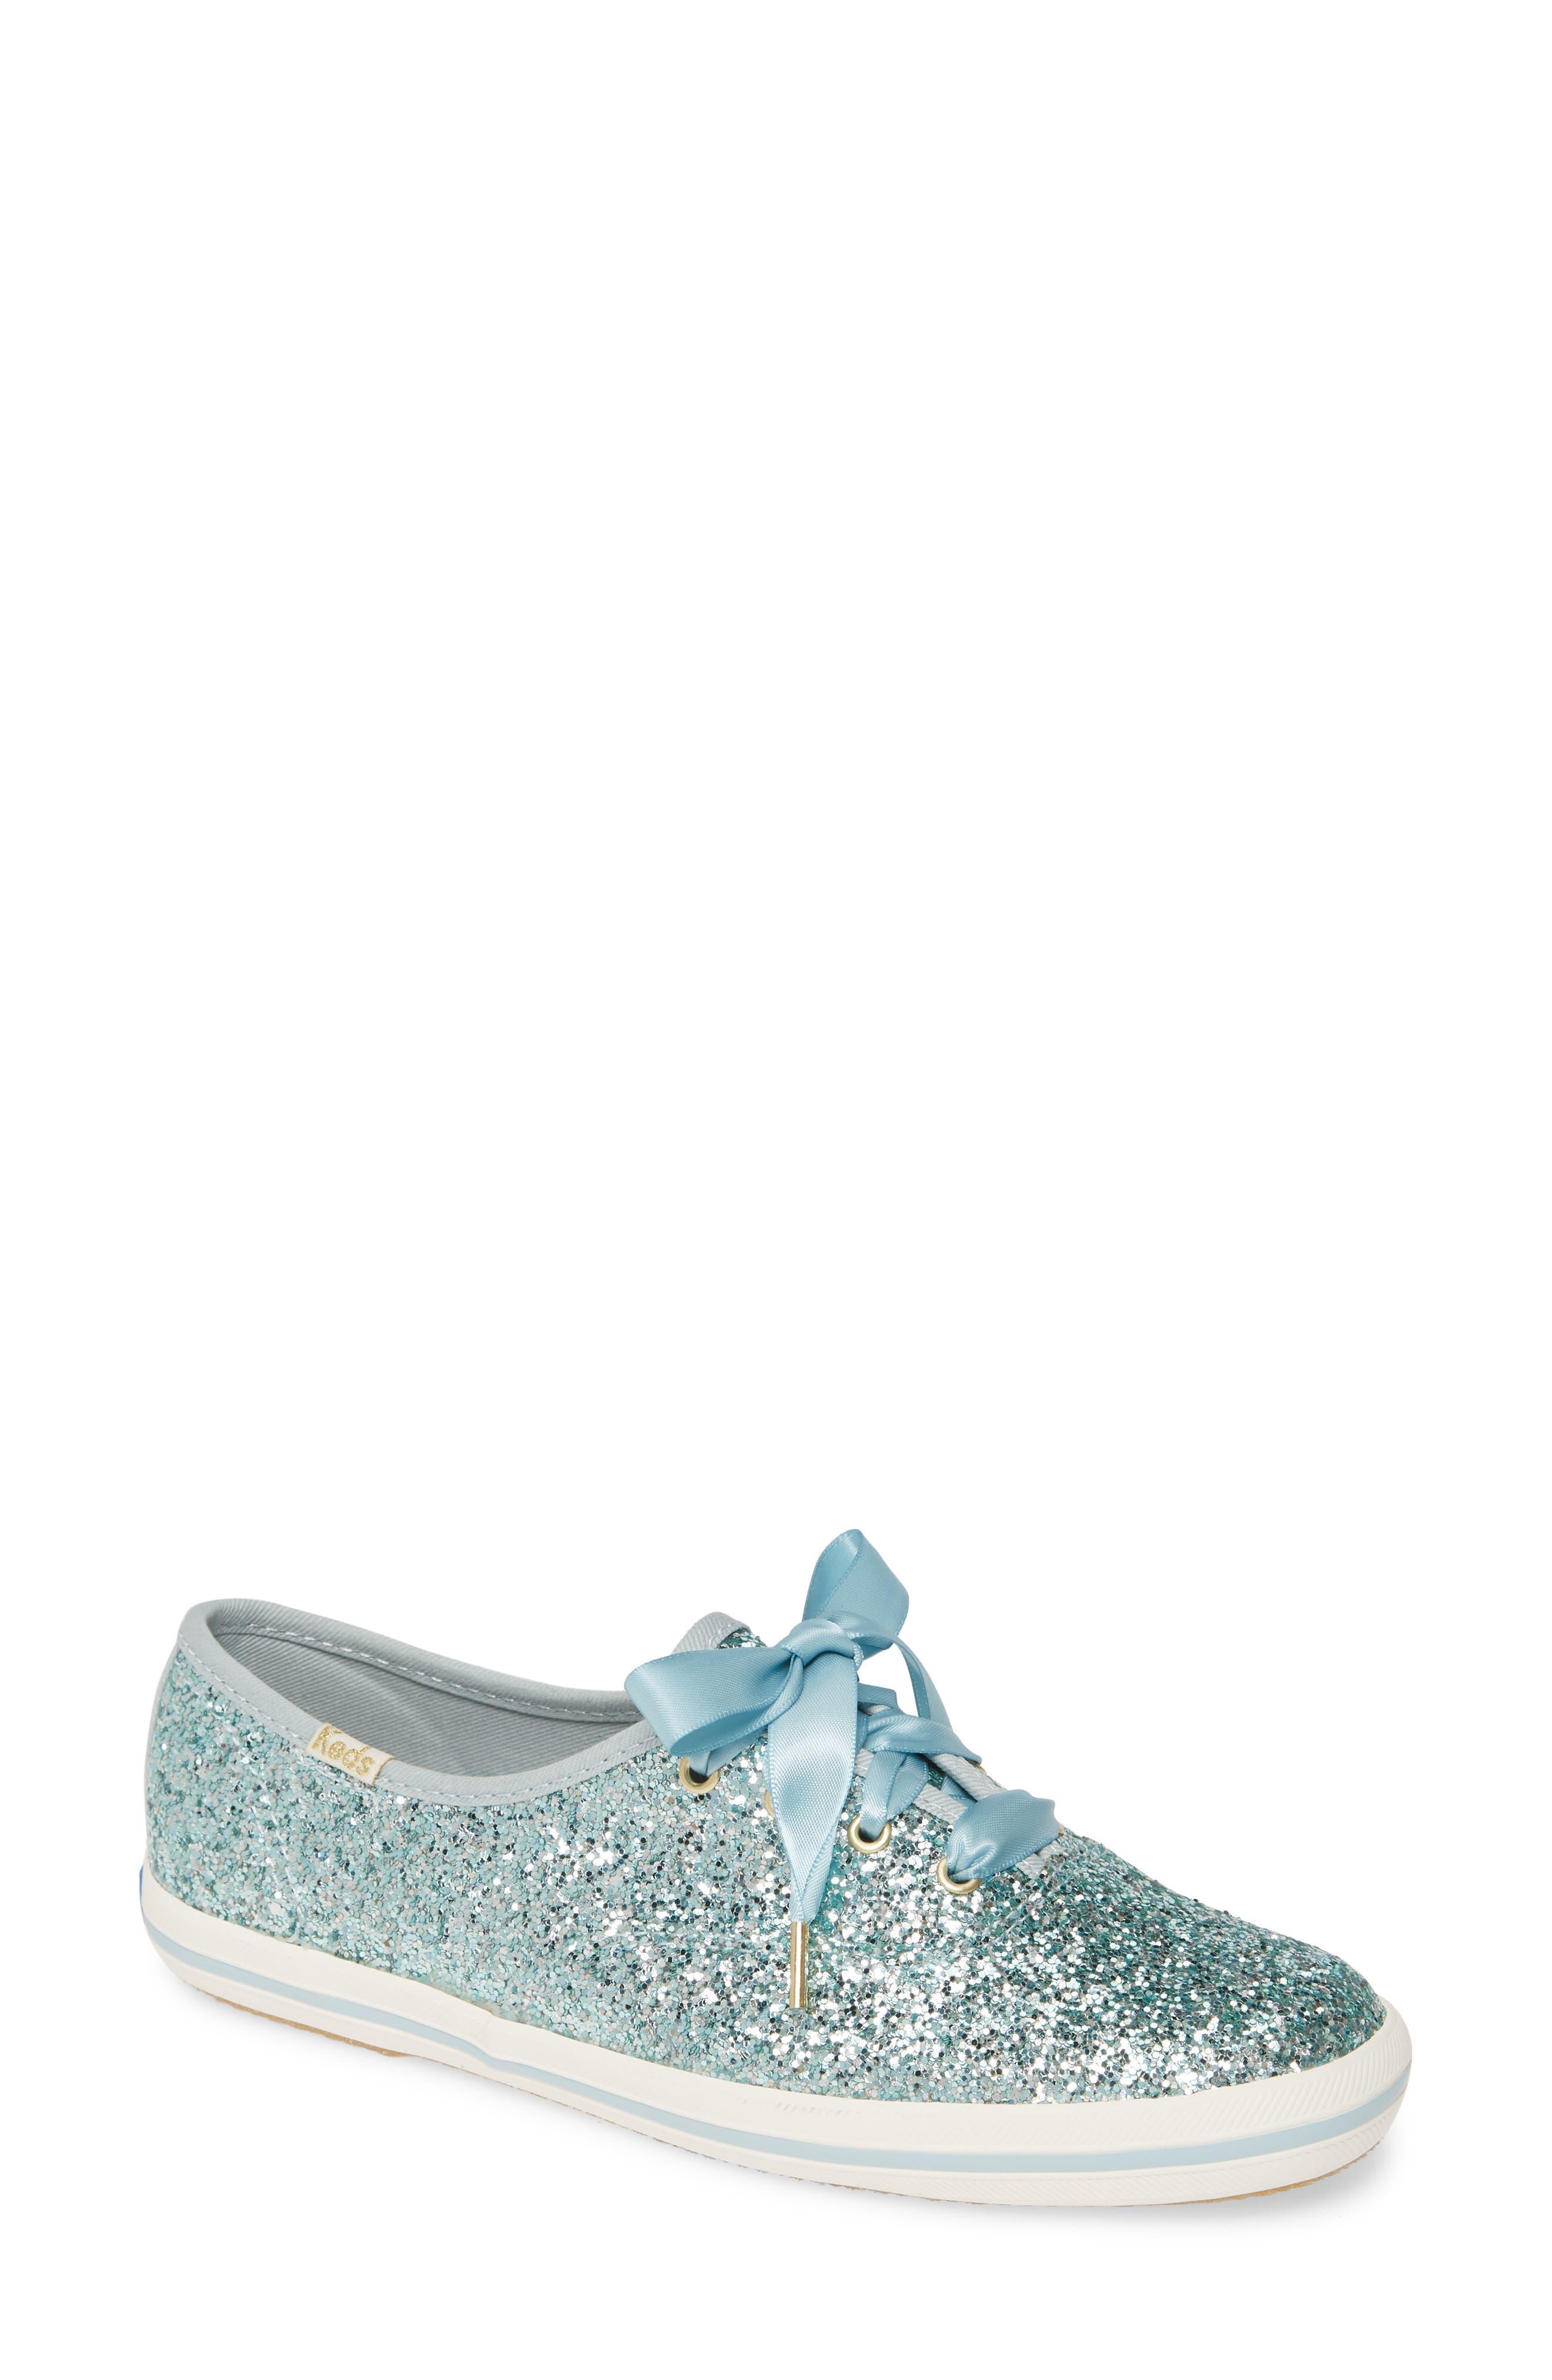 Image of Keds x kate spade new york glitter sneaker